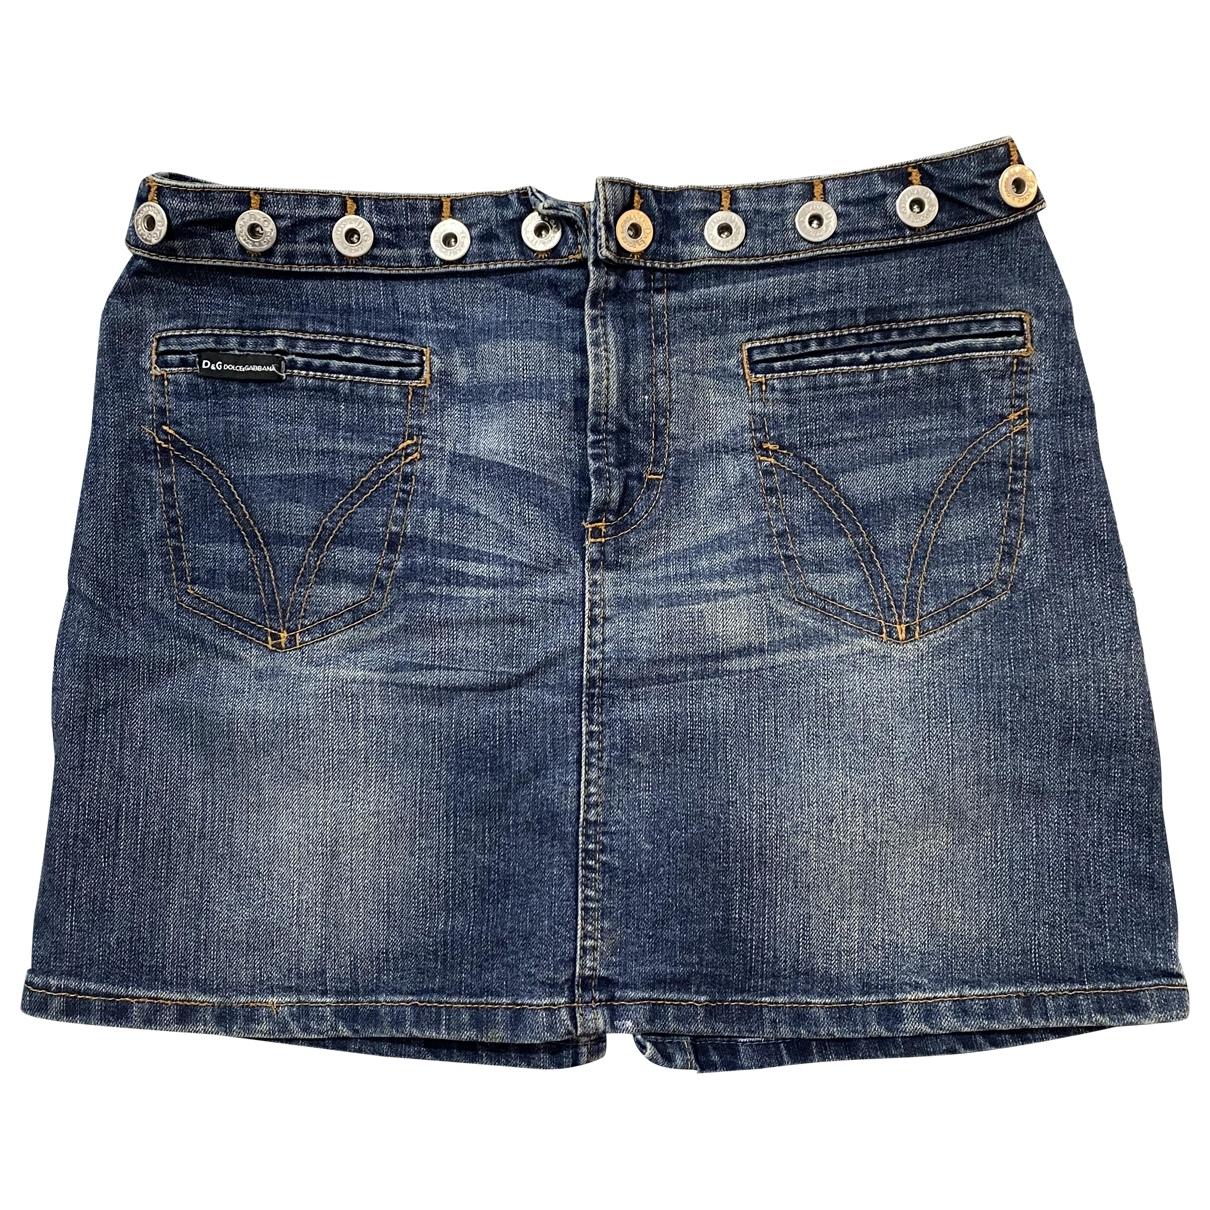 D&g \N Blue Denim - Jeans skirt for Women 40 IT